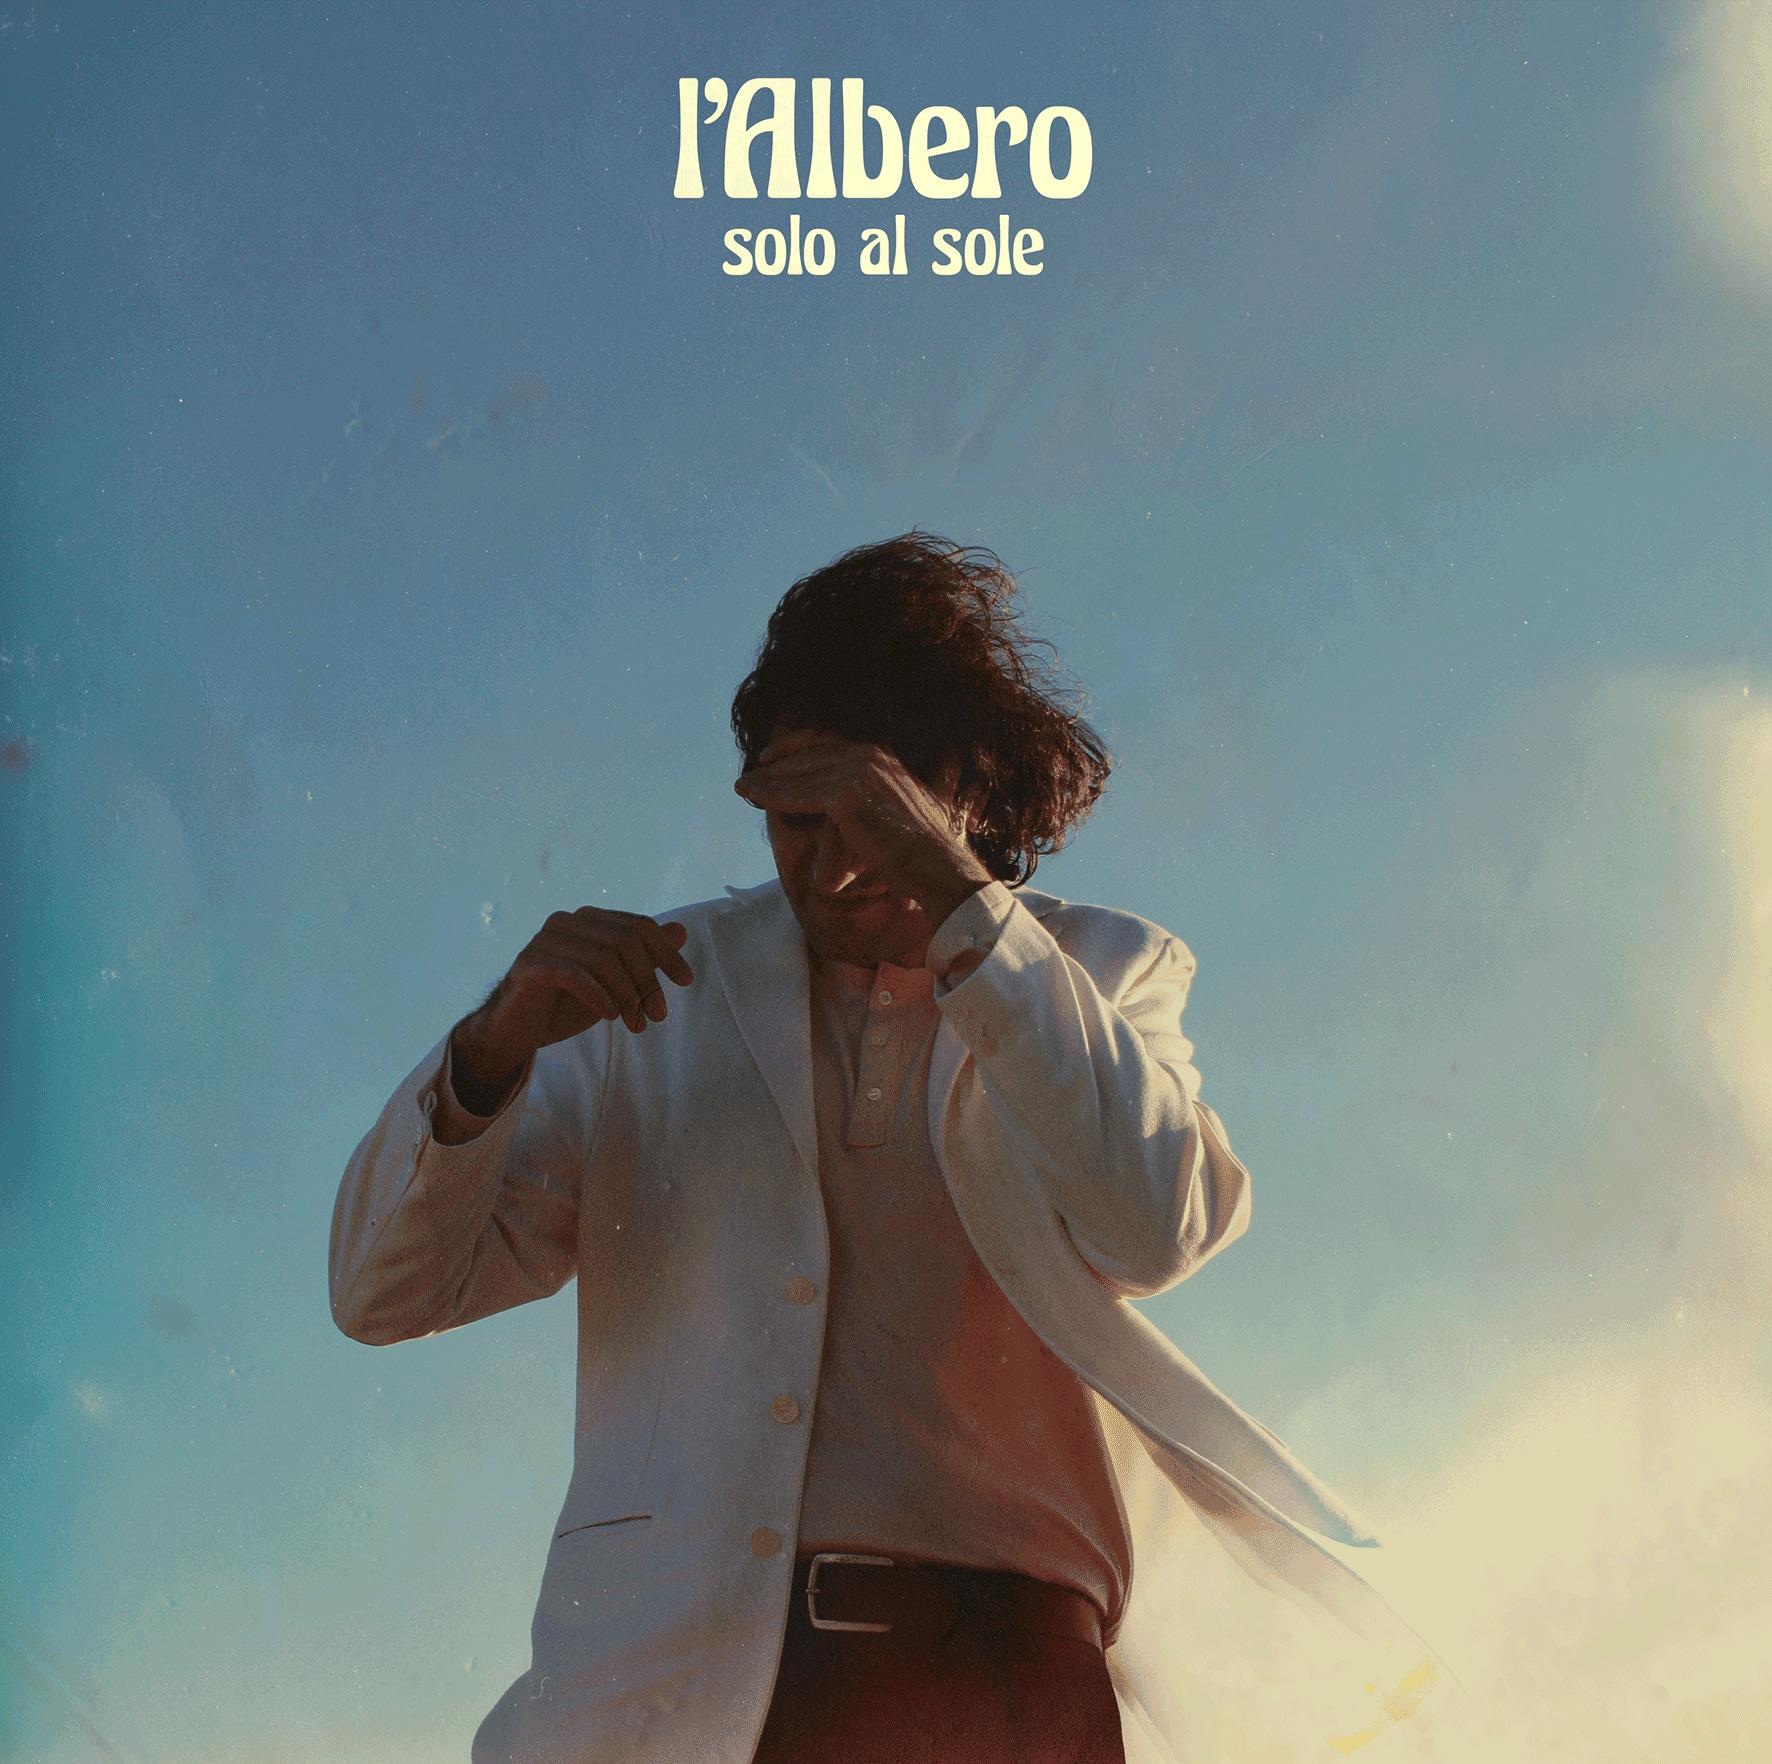 L'Albero, Solo al sole